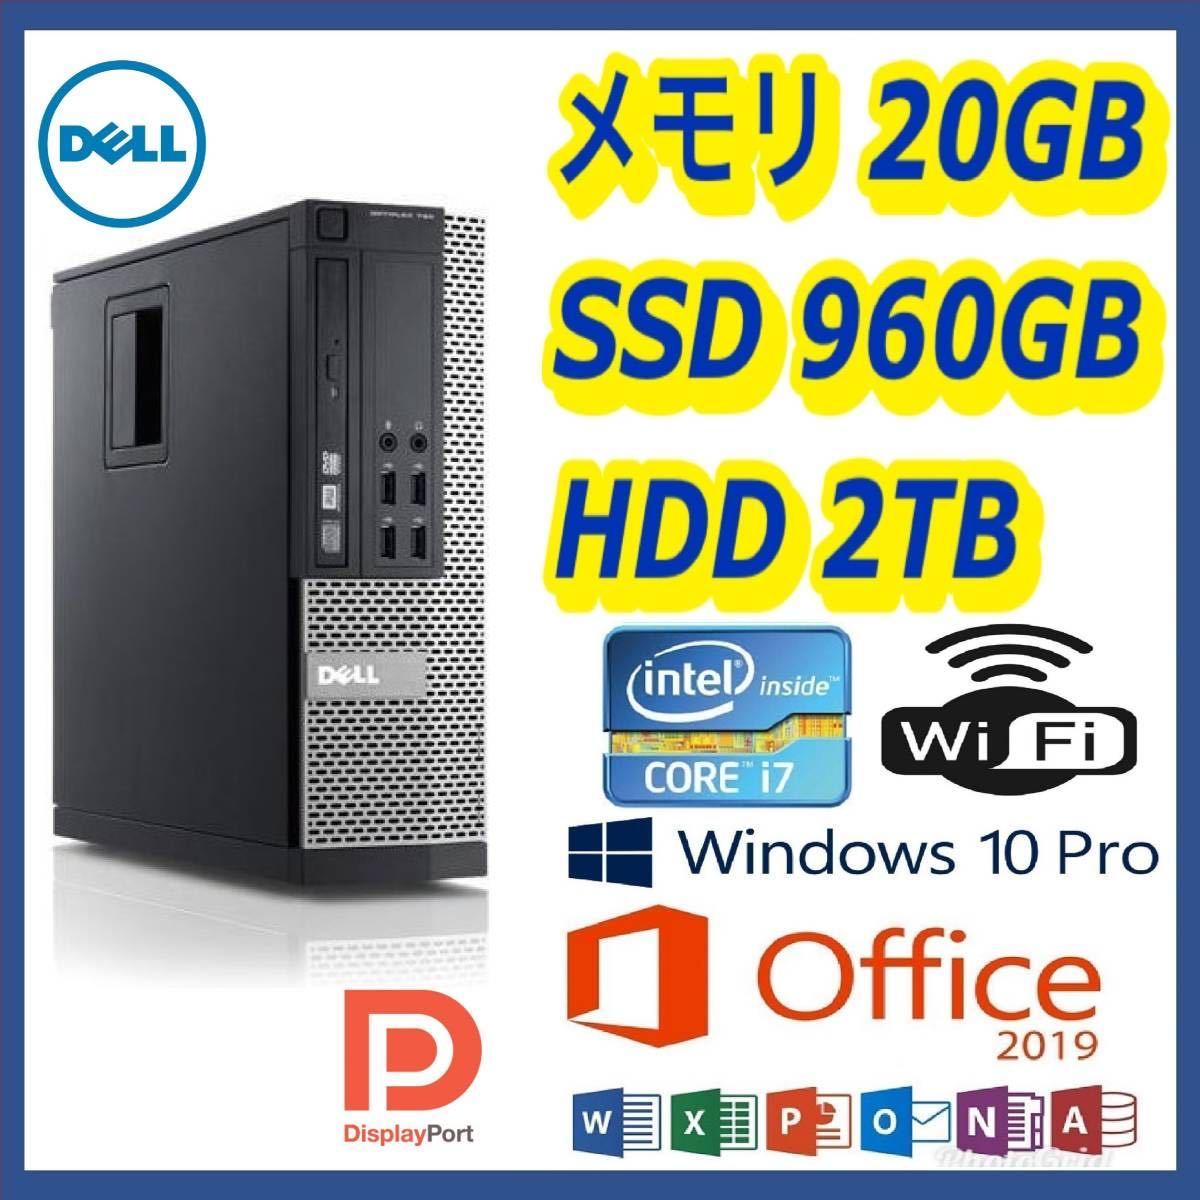 ★小型★超高速 i7(3.8Gx8)/新品SSD960GB+大容量HDD2TB/大容量20GBメモリ/Wi-Fi/Win10/Office2019★Dell OptiPlex 790 SFF改★